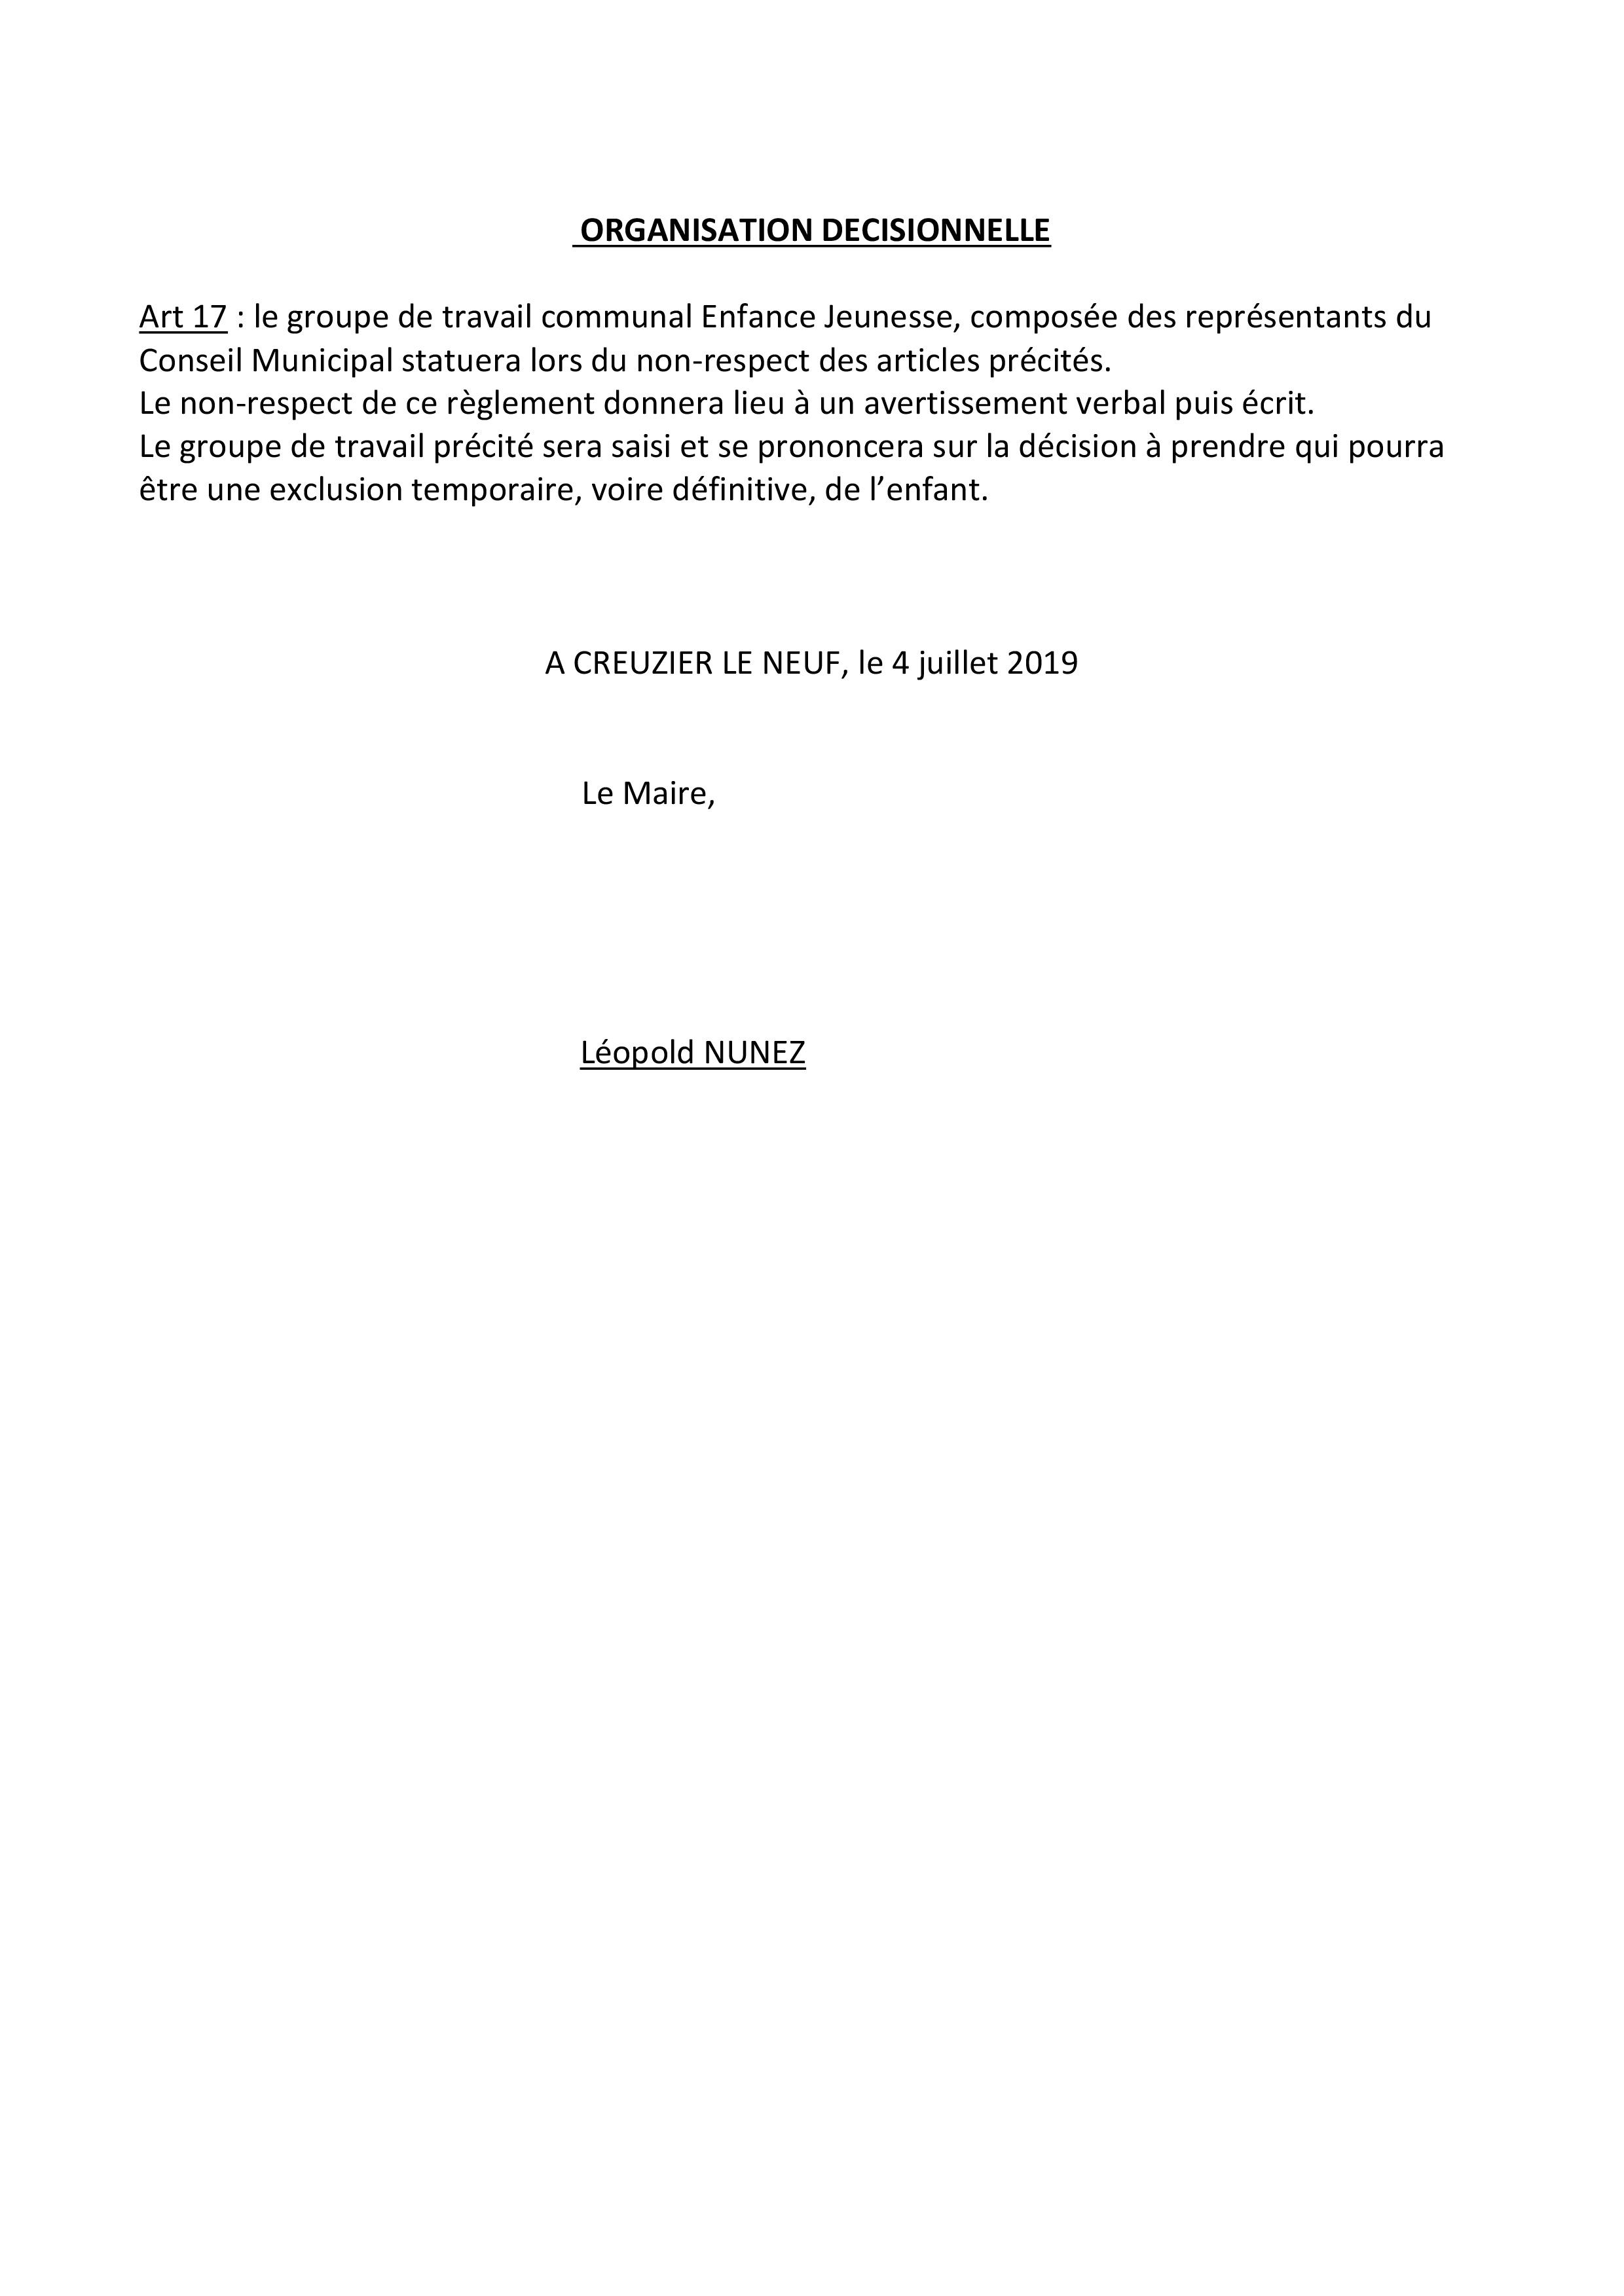 reglement-interieur-2019-2020-4.jpg